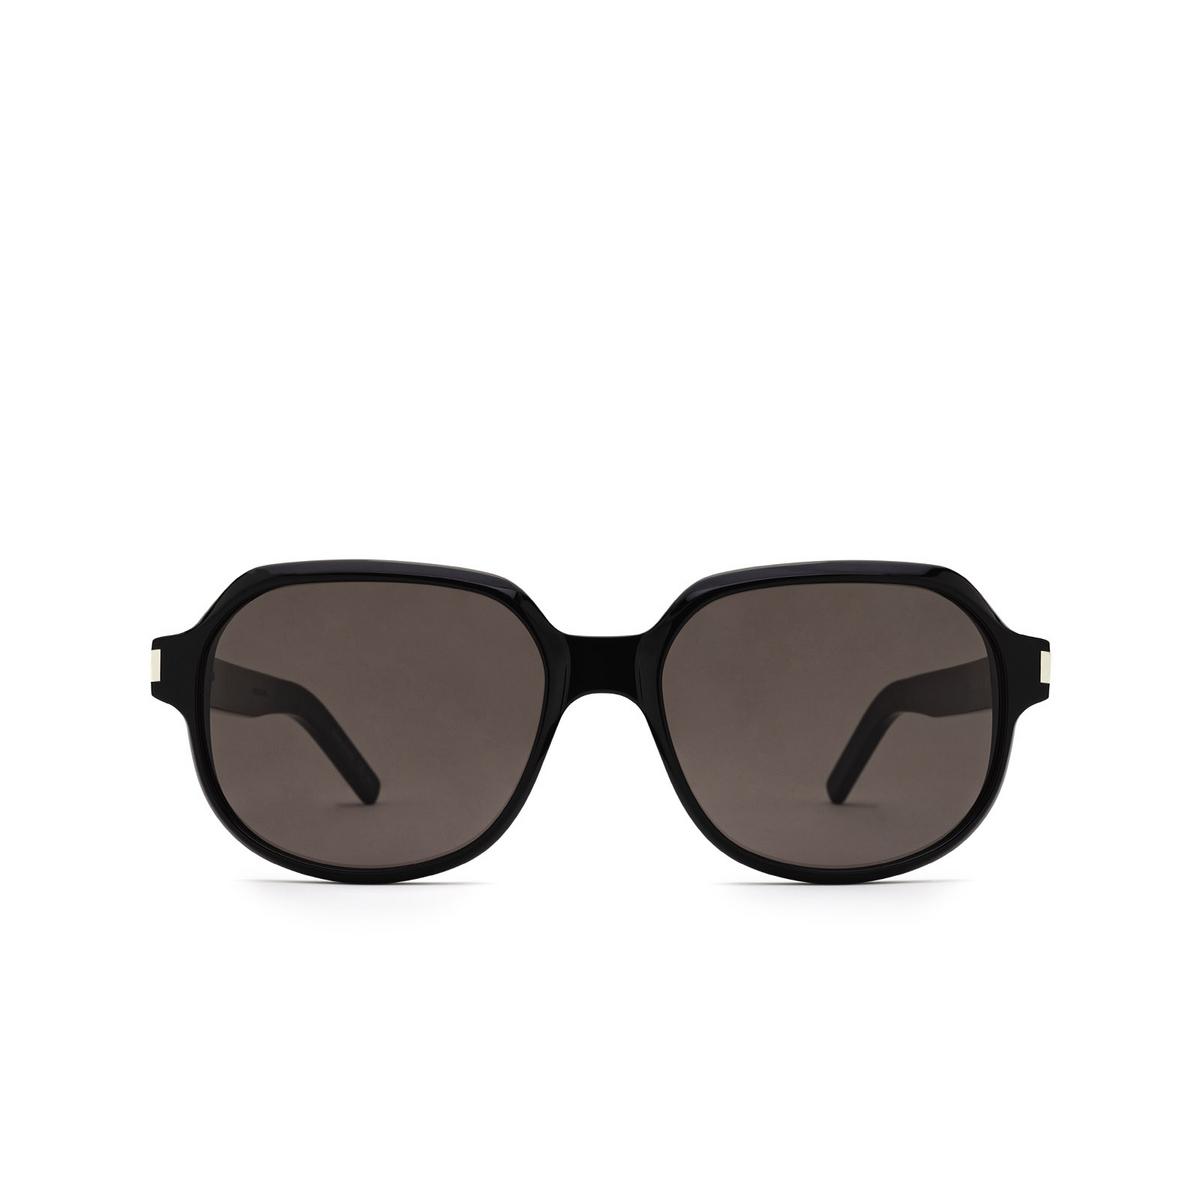 Saint Laurent® Square Sunglasses: SL 496 color Black 001 - front view.